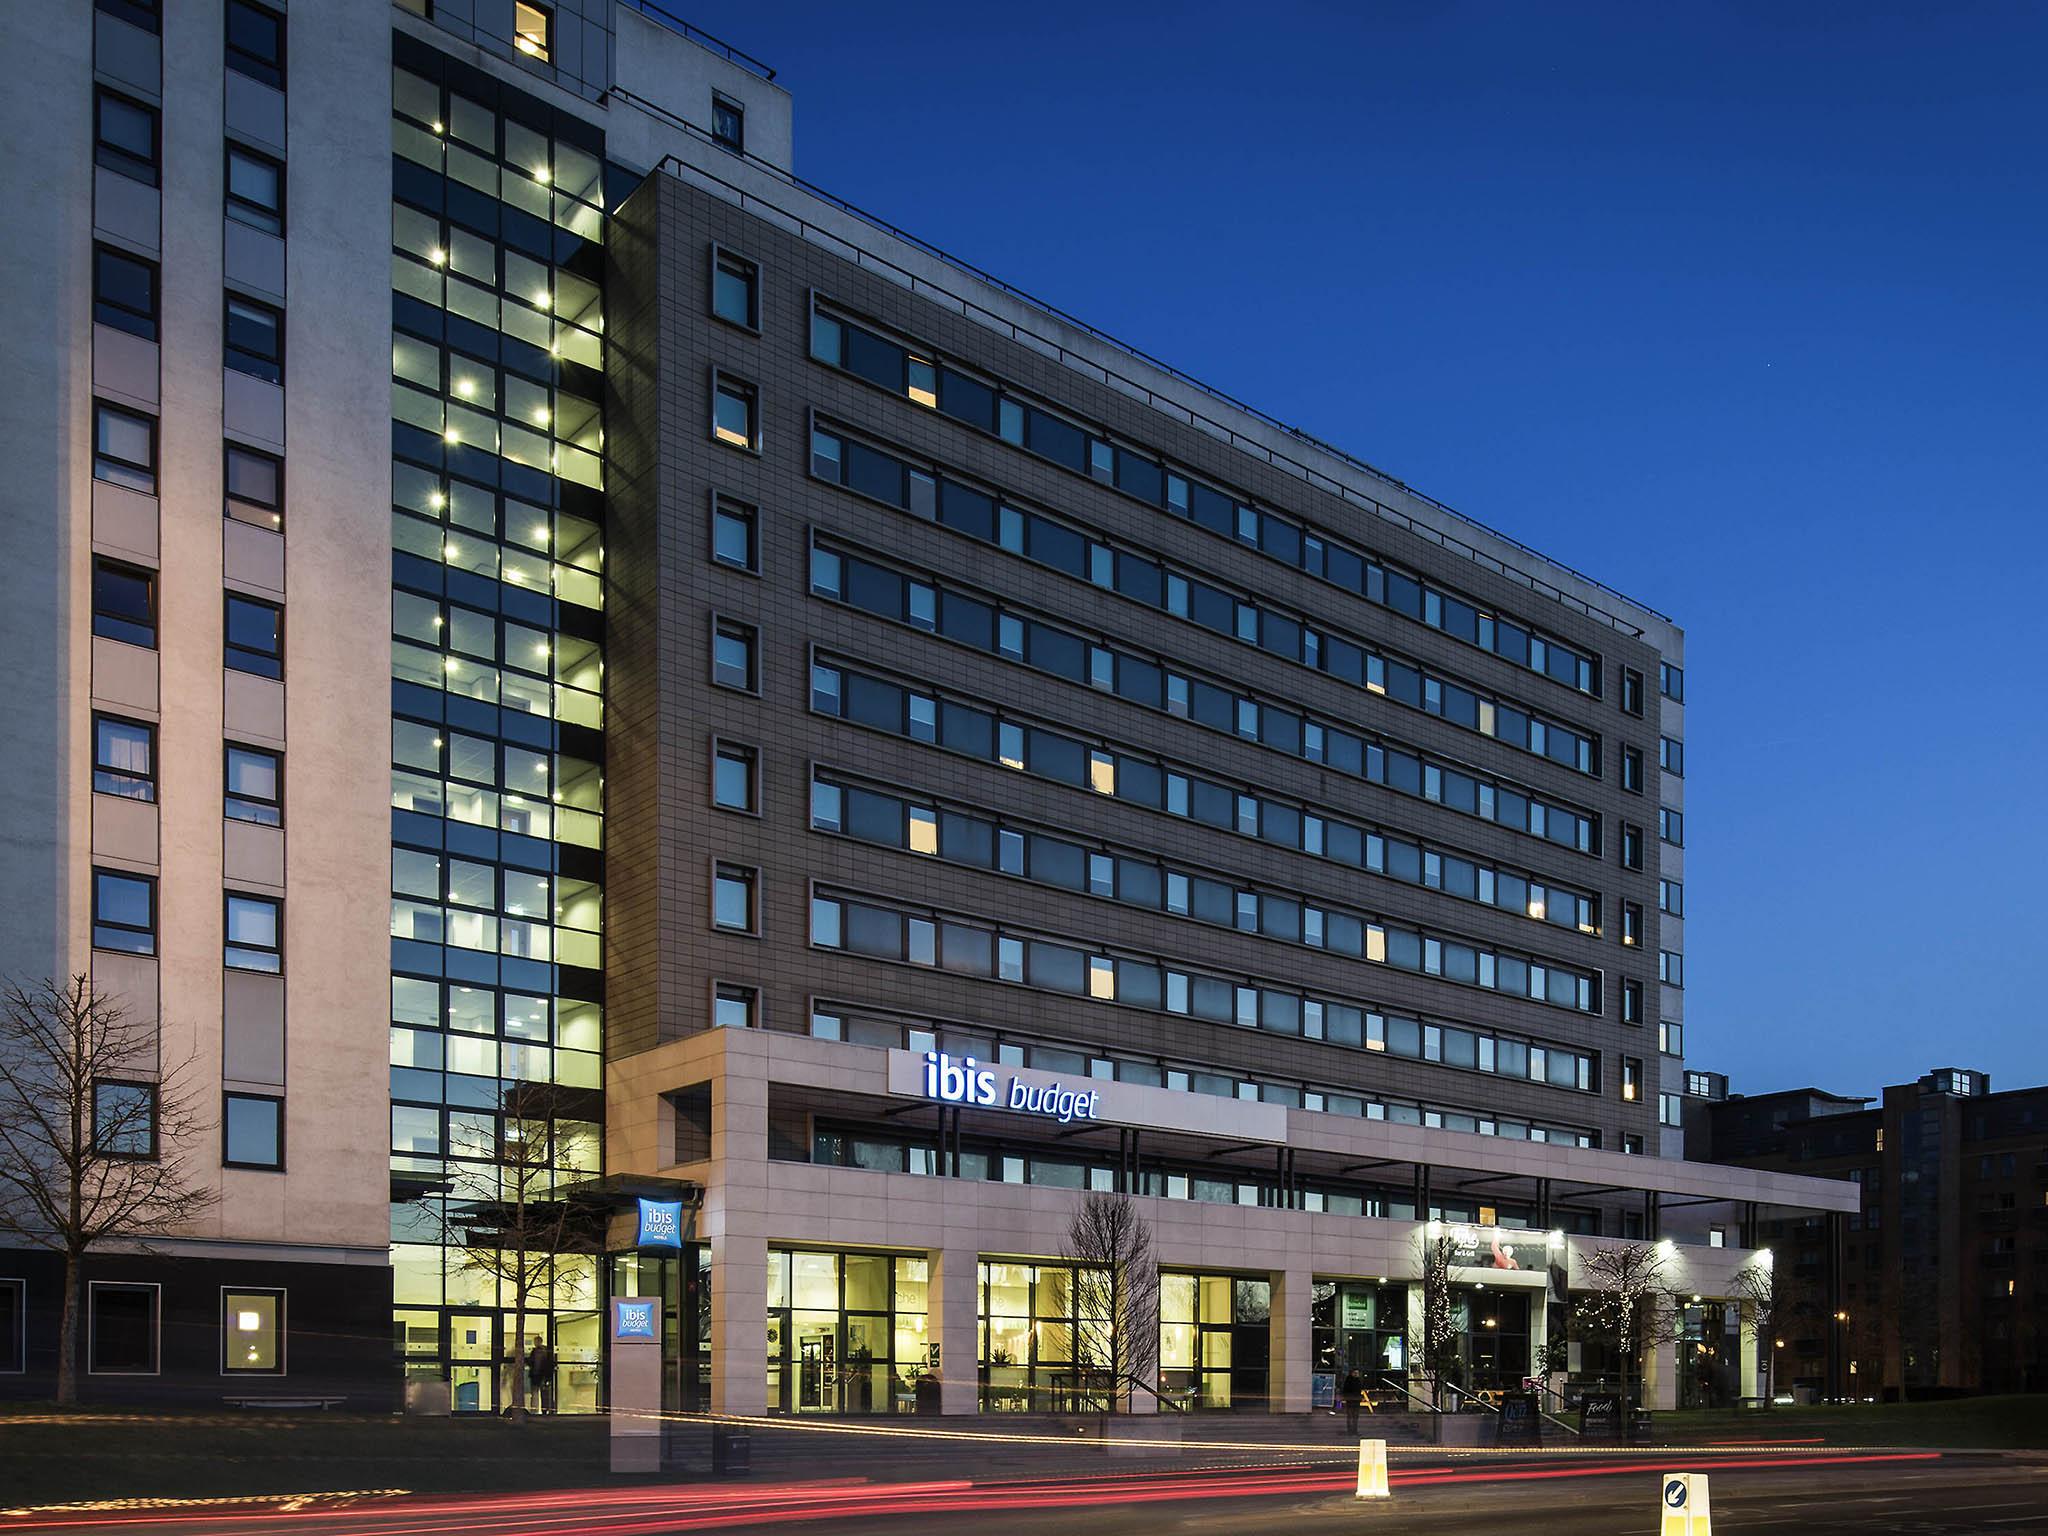 hotel boston inn waltham hilton bentley college com booking ma hotels near us garden